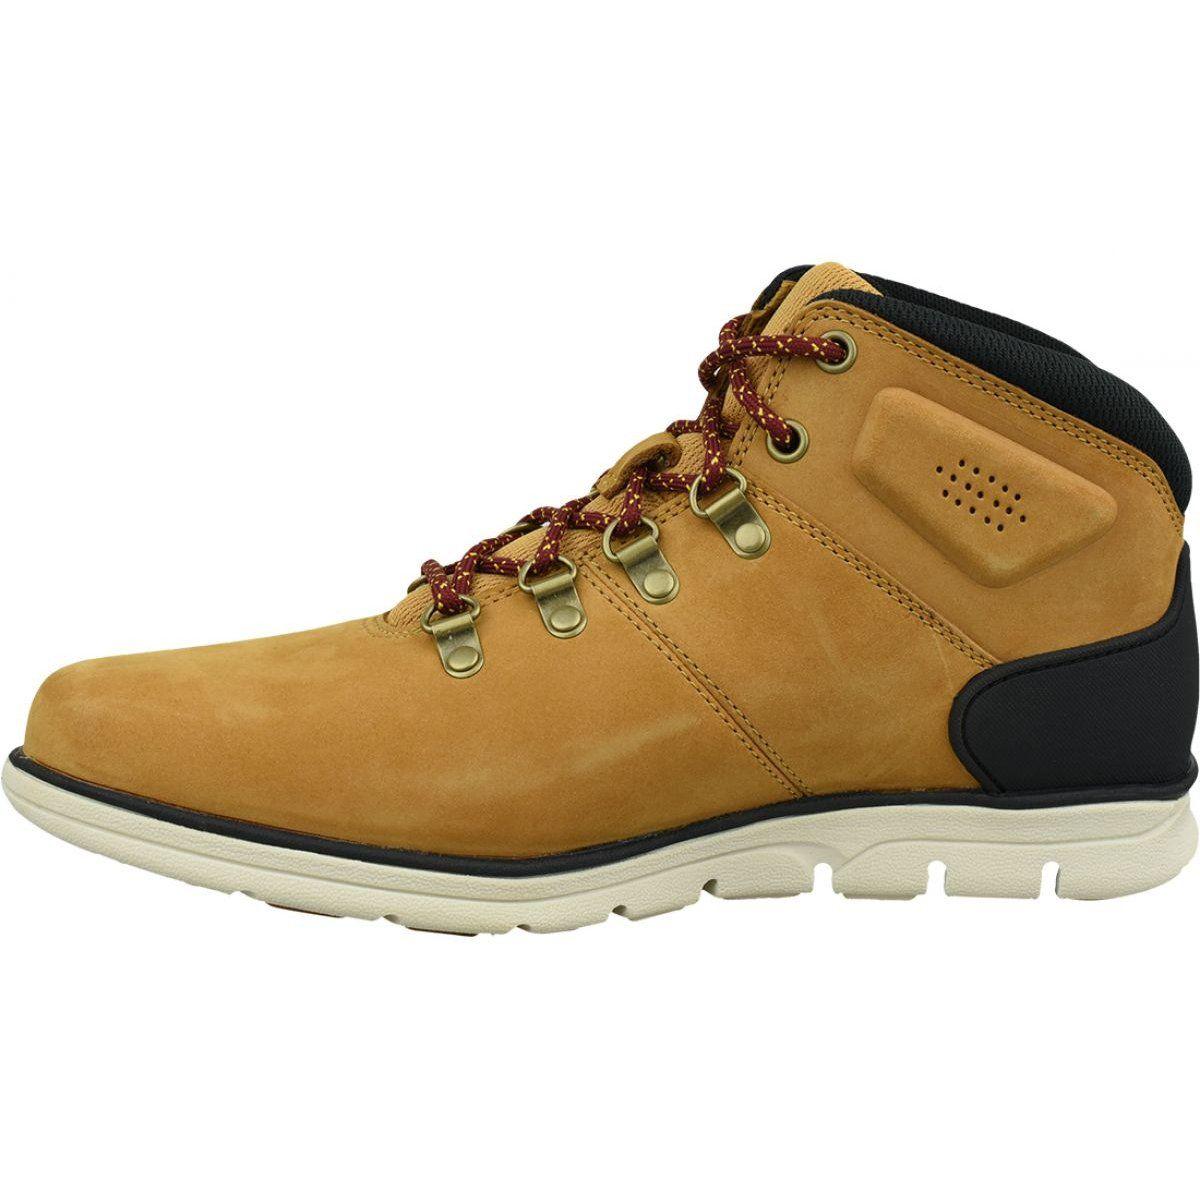 Timberland Bradstreet Hiker M A26yz Shoes Orange Timberlands Shoes Shoes Timberland